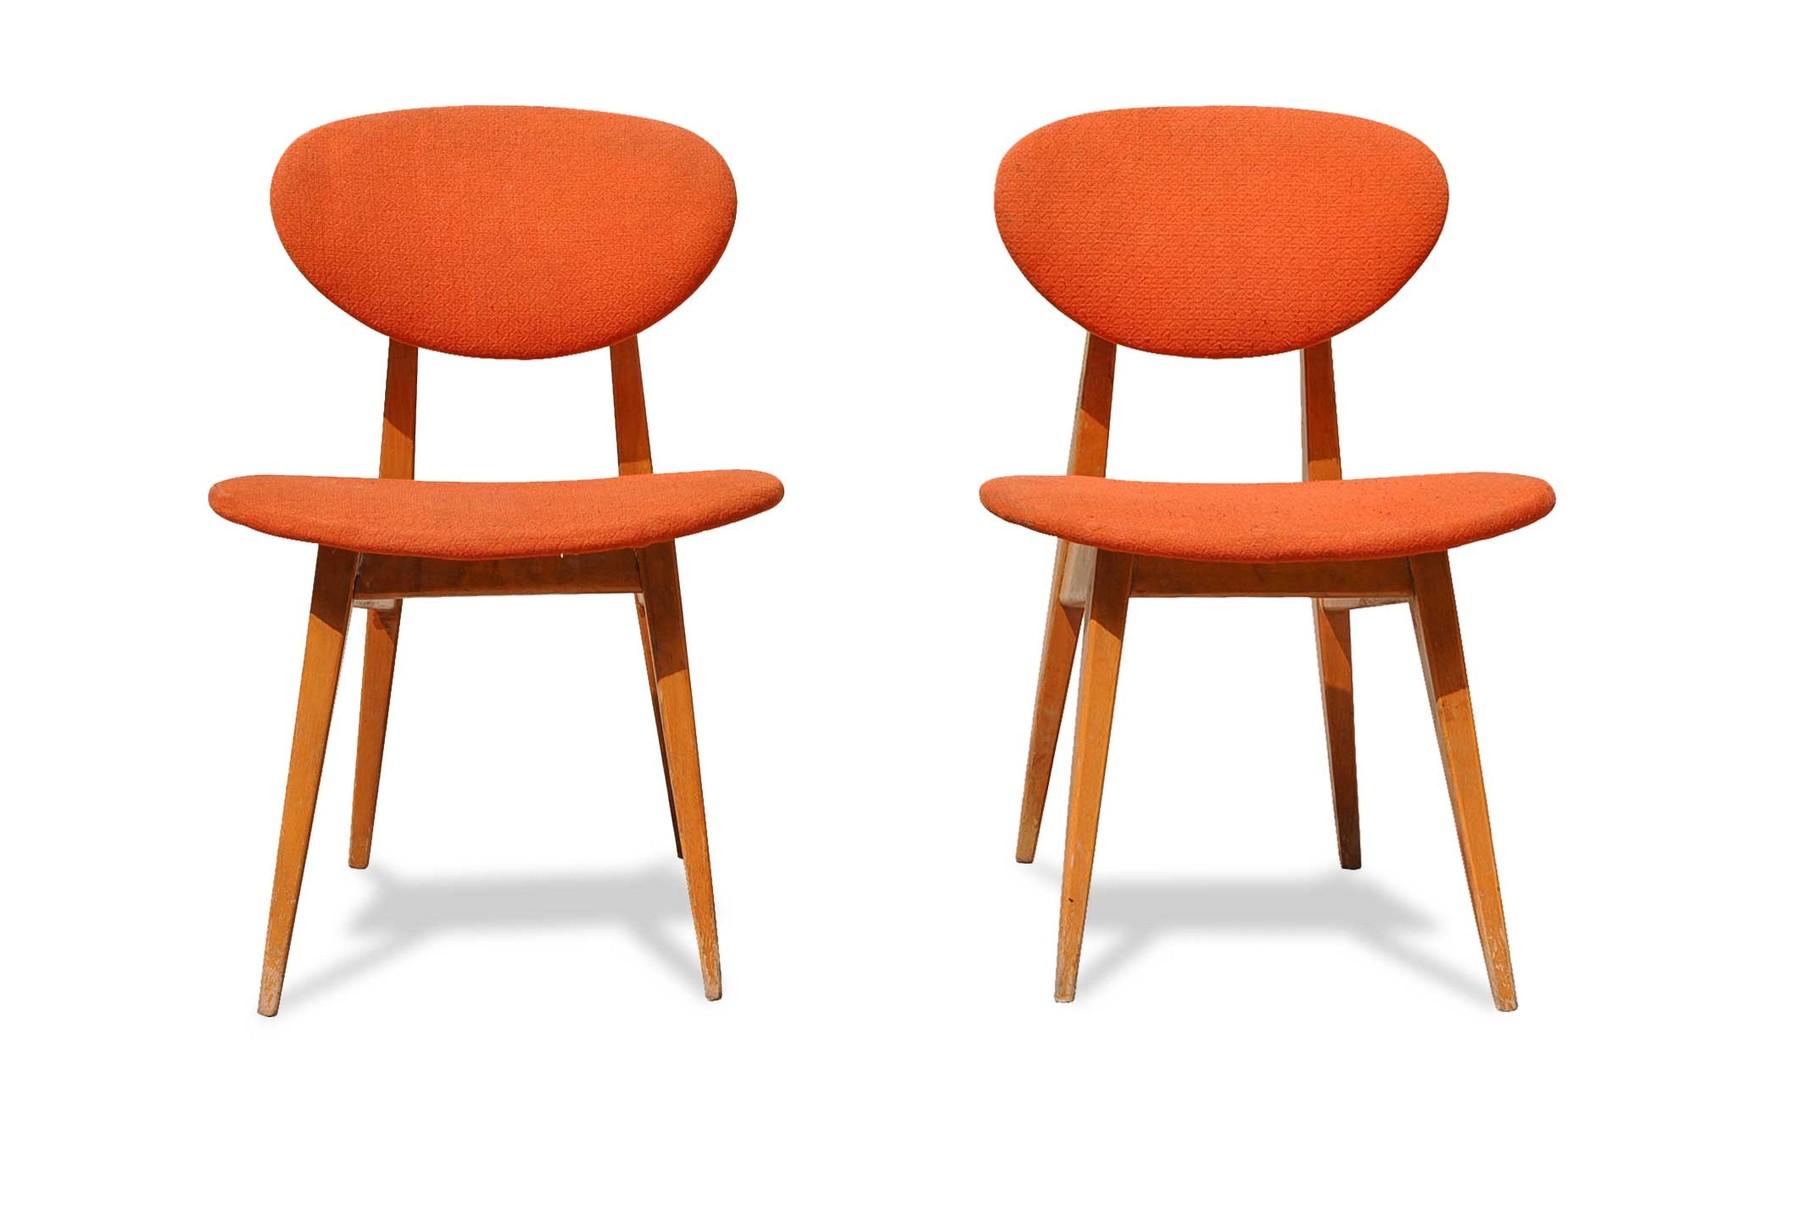 Coppia di sedie in faggio tinto noce di manifattura inglese datate 1960 schienale concavo in legno e fondino imbottito estraibile. Sedie Anni 60 Design Scandinavo Italian Vintage Sofa